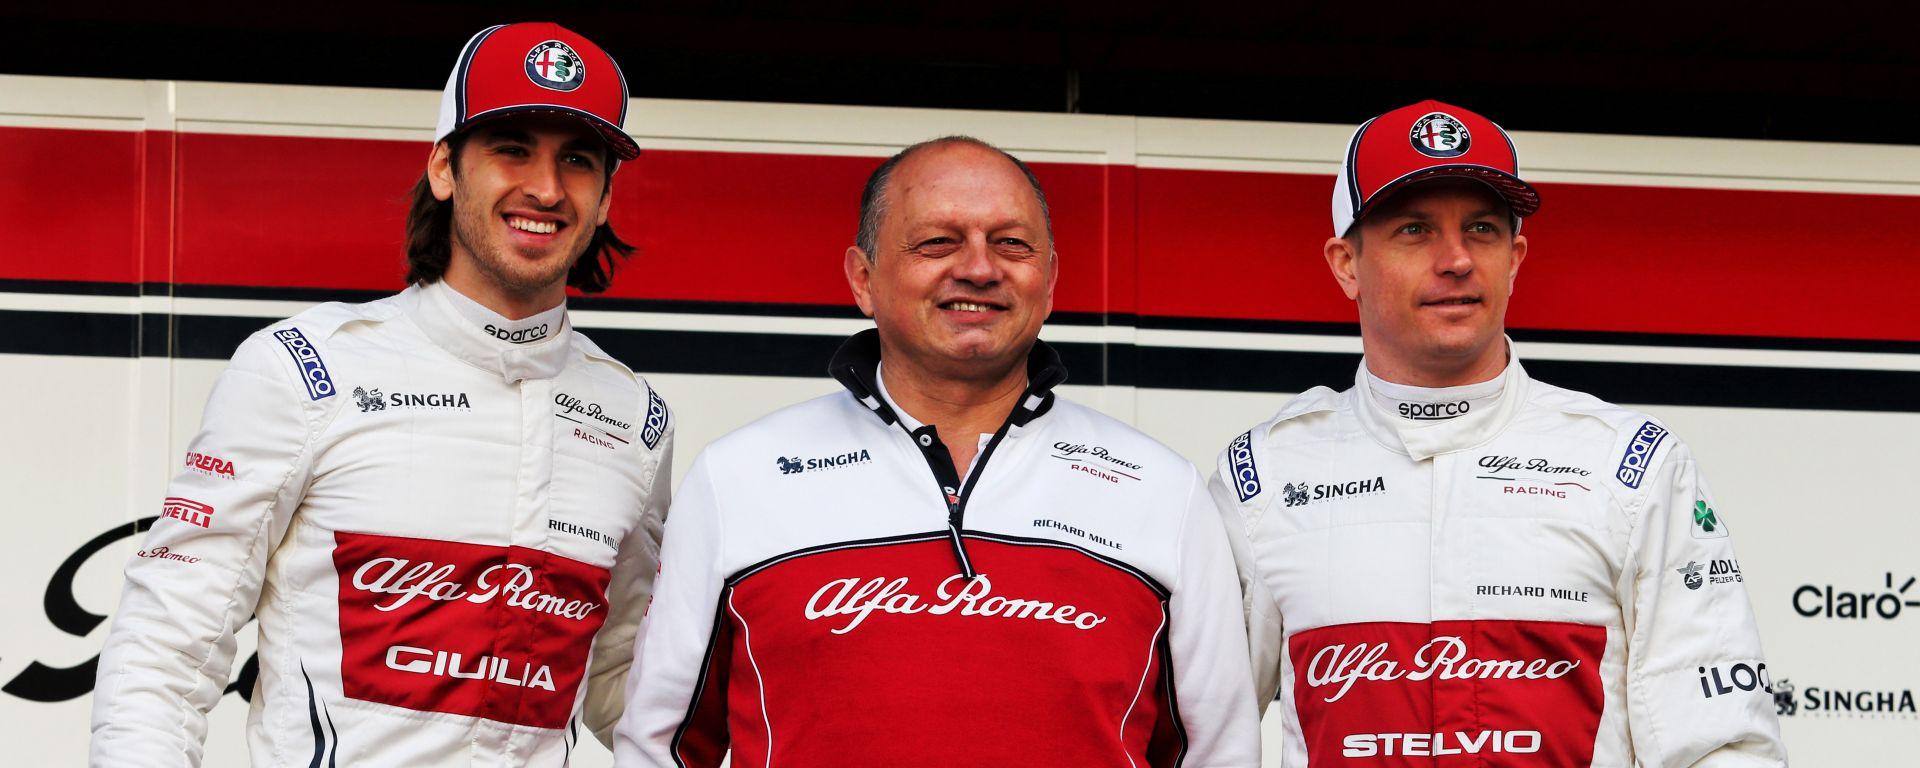 Antonio Giovinazzi, Frederic Vasseur e Kimi Raikkonen alla presentazione dell'Alfa Romeo Racing